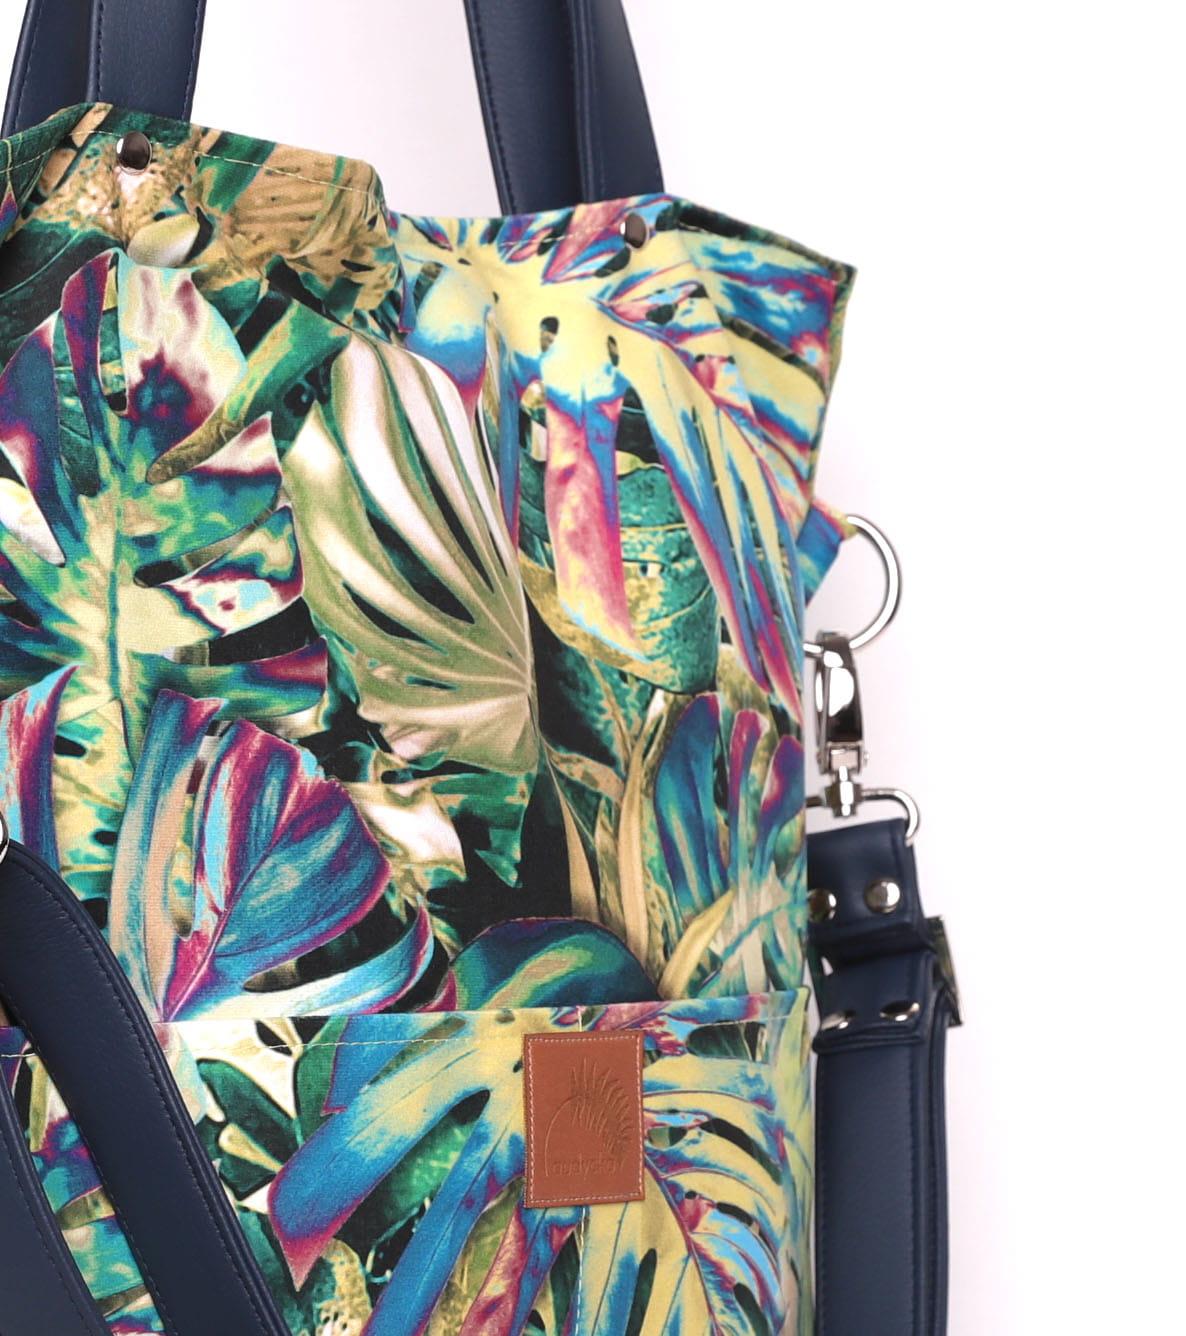 Duża torebka w kształcie prostokąta, która idealnie sprawdzi się wiosną i latem, doskonale pasuje do sukienek i kobiecych stylizacji. Możesz nosić ją na ramieniu lub na długim regulowanym pasku na skos – jak listonoszkę. Wyjątkowa torebka z pięknej tkaniny w egzotyczny wzór idealnie sprawdzi się jako torba do pracy lub na uczelnię. Bez problemu zmieścisz w niej niewielki laptop, książki, notatki lub dokumenty. W dwóch zewnętrznych kieszonkach możesz ukryć mniej cenne rzeczy. Doskonała torba dla kobiet chcących wyróżnić się w tłumie. Mocna tkanina jest odporna na tarcie i wilgoć, bardzo łatwo utrzymać ją w czystości. Całość zapinana na zamek. W środku posiada dwie kieszonki, w tym jedną zapinaną na zamek. Dodatkowo dwie kieszenie zewnętrzne. Materiał wierzchni: Piękny welur tapicerski, bardzo mocny i trwały. Łatwo utrzymać go w czystości piorąc w pralce (w temperaturze 30 stopni) lub ręcznie. Niewielkich zabrudzeń można pozbyć się czyszcząc materiał ręcznie bez obaw o jakiekolwiek uszko